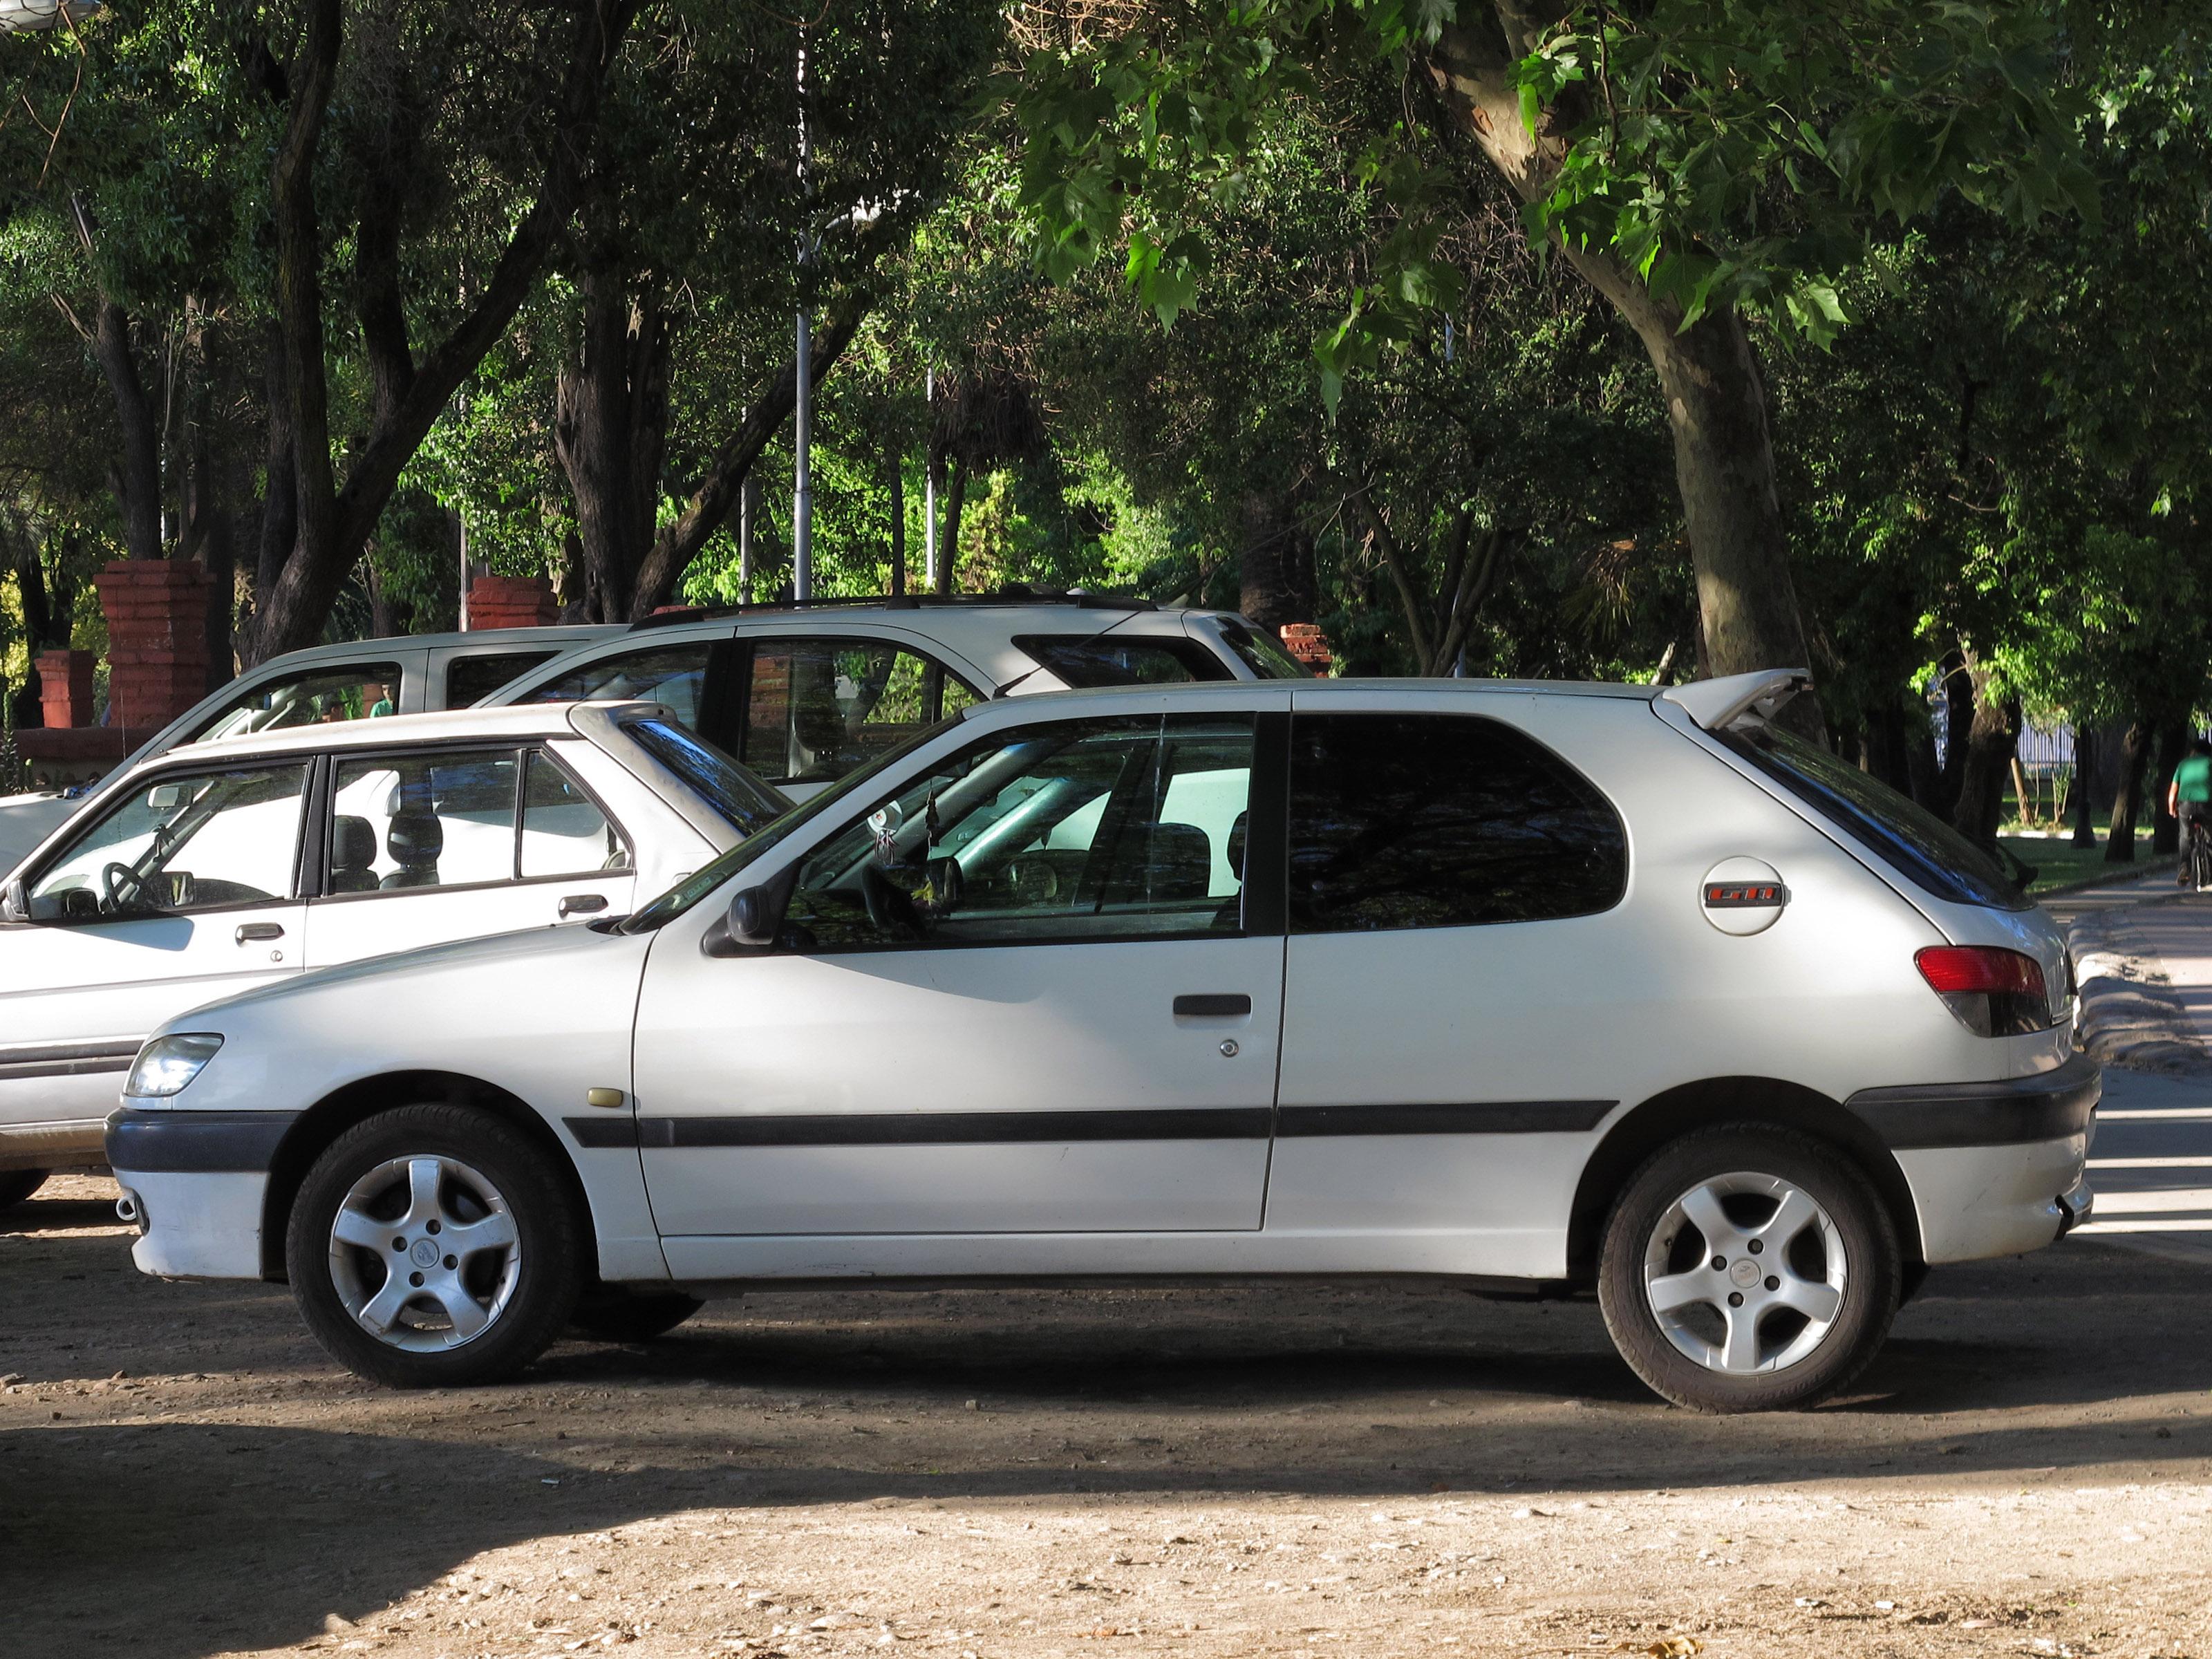 File:Peugeot 306 GTi 1998 (15527787230).jpg